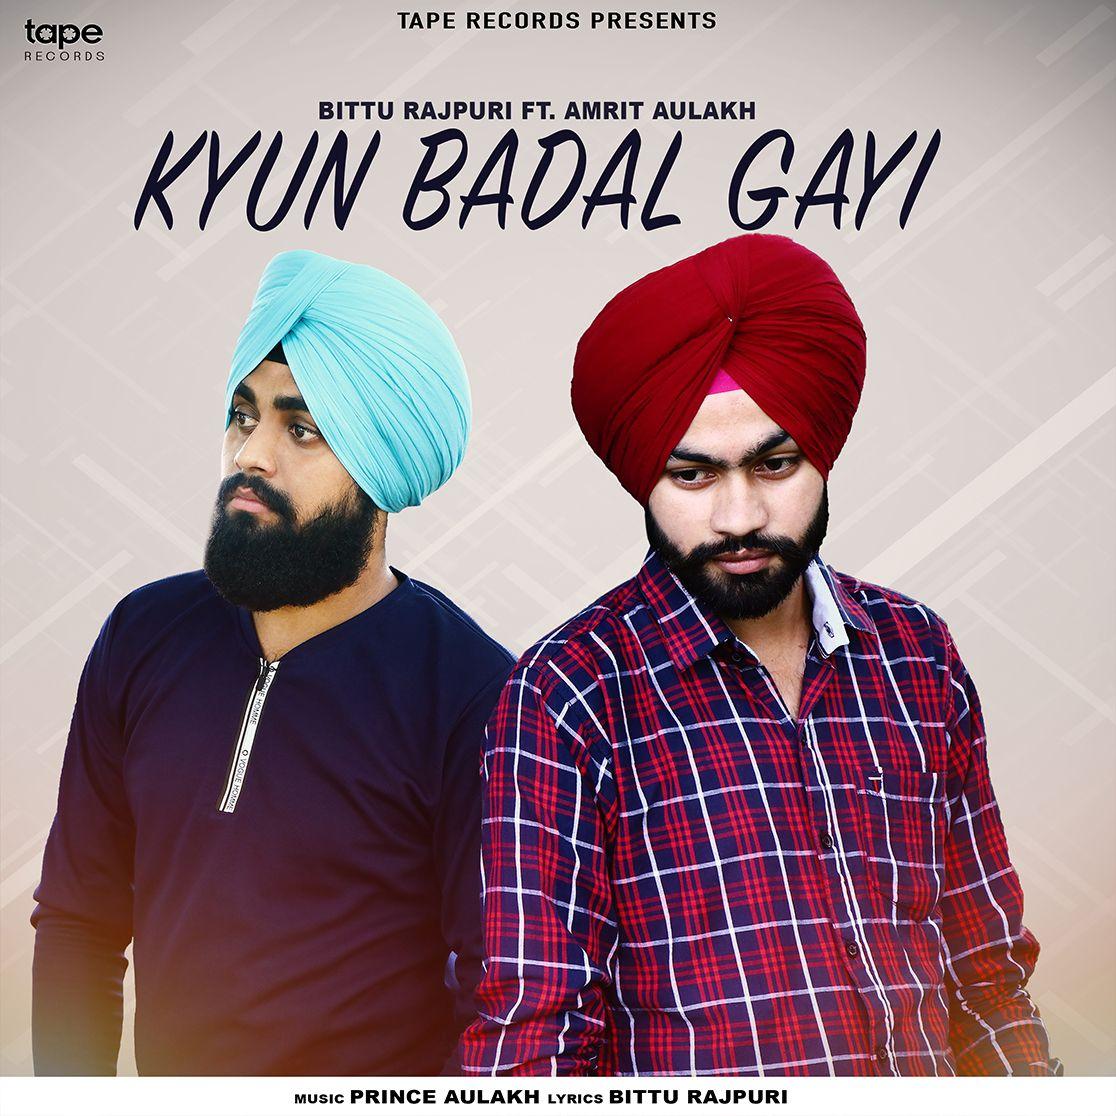 Kyun Badal Gayi By Amrit Aulakh Bittu Rajpuri Download Mp3 Music Download Download Free Music Songs